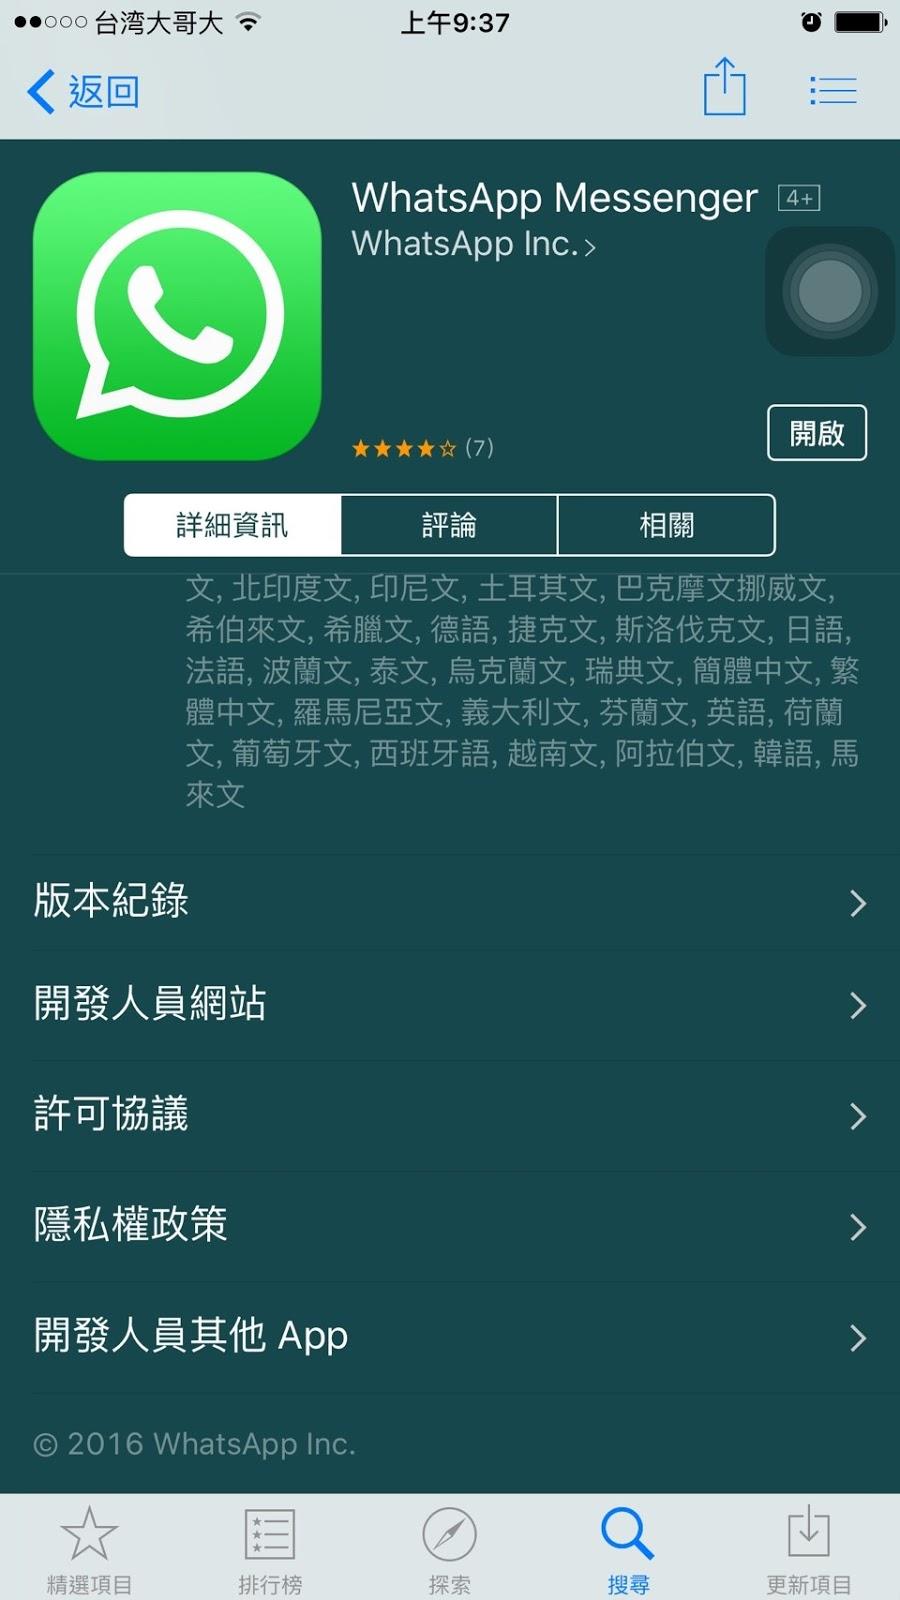 【資訊】花個三十秒設定…可以不讓WhatsApp使用您的個資